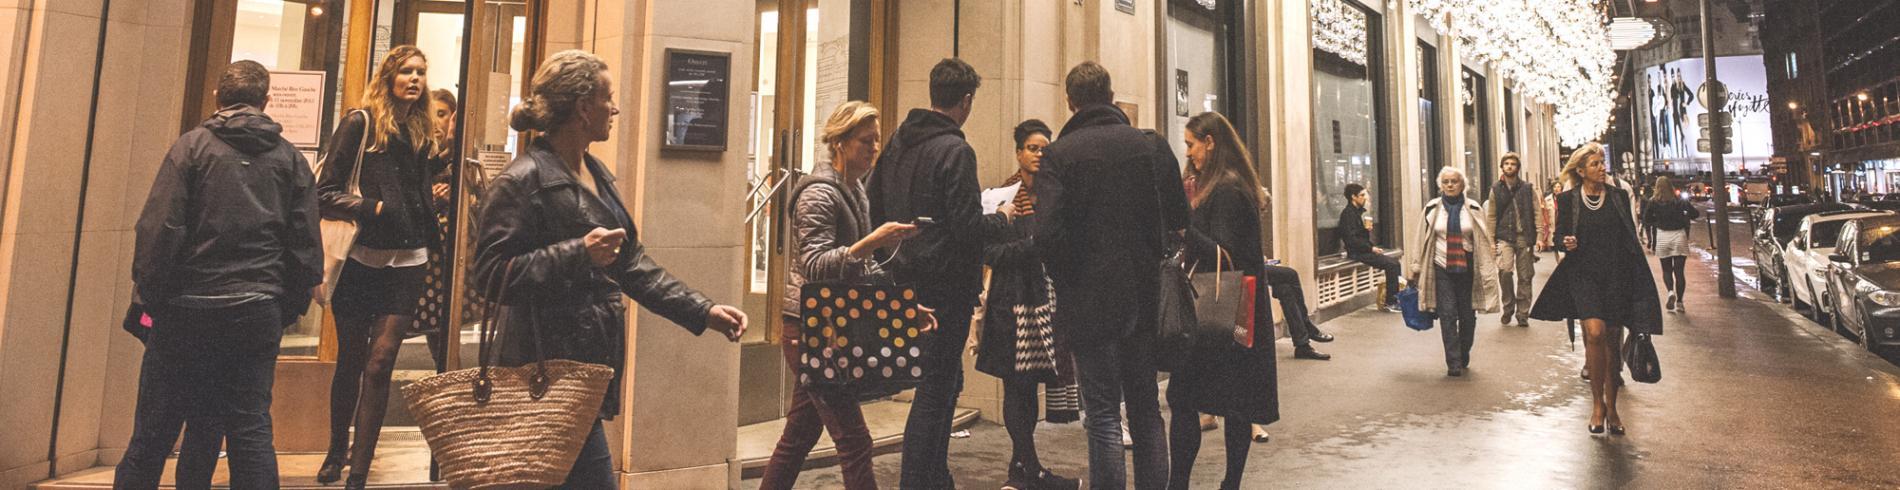 Shoppers outside Le Bon Marché store